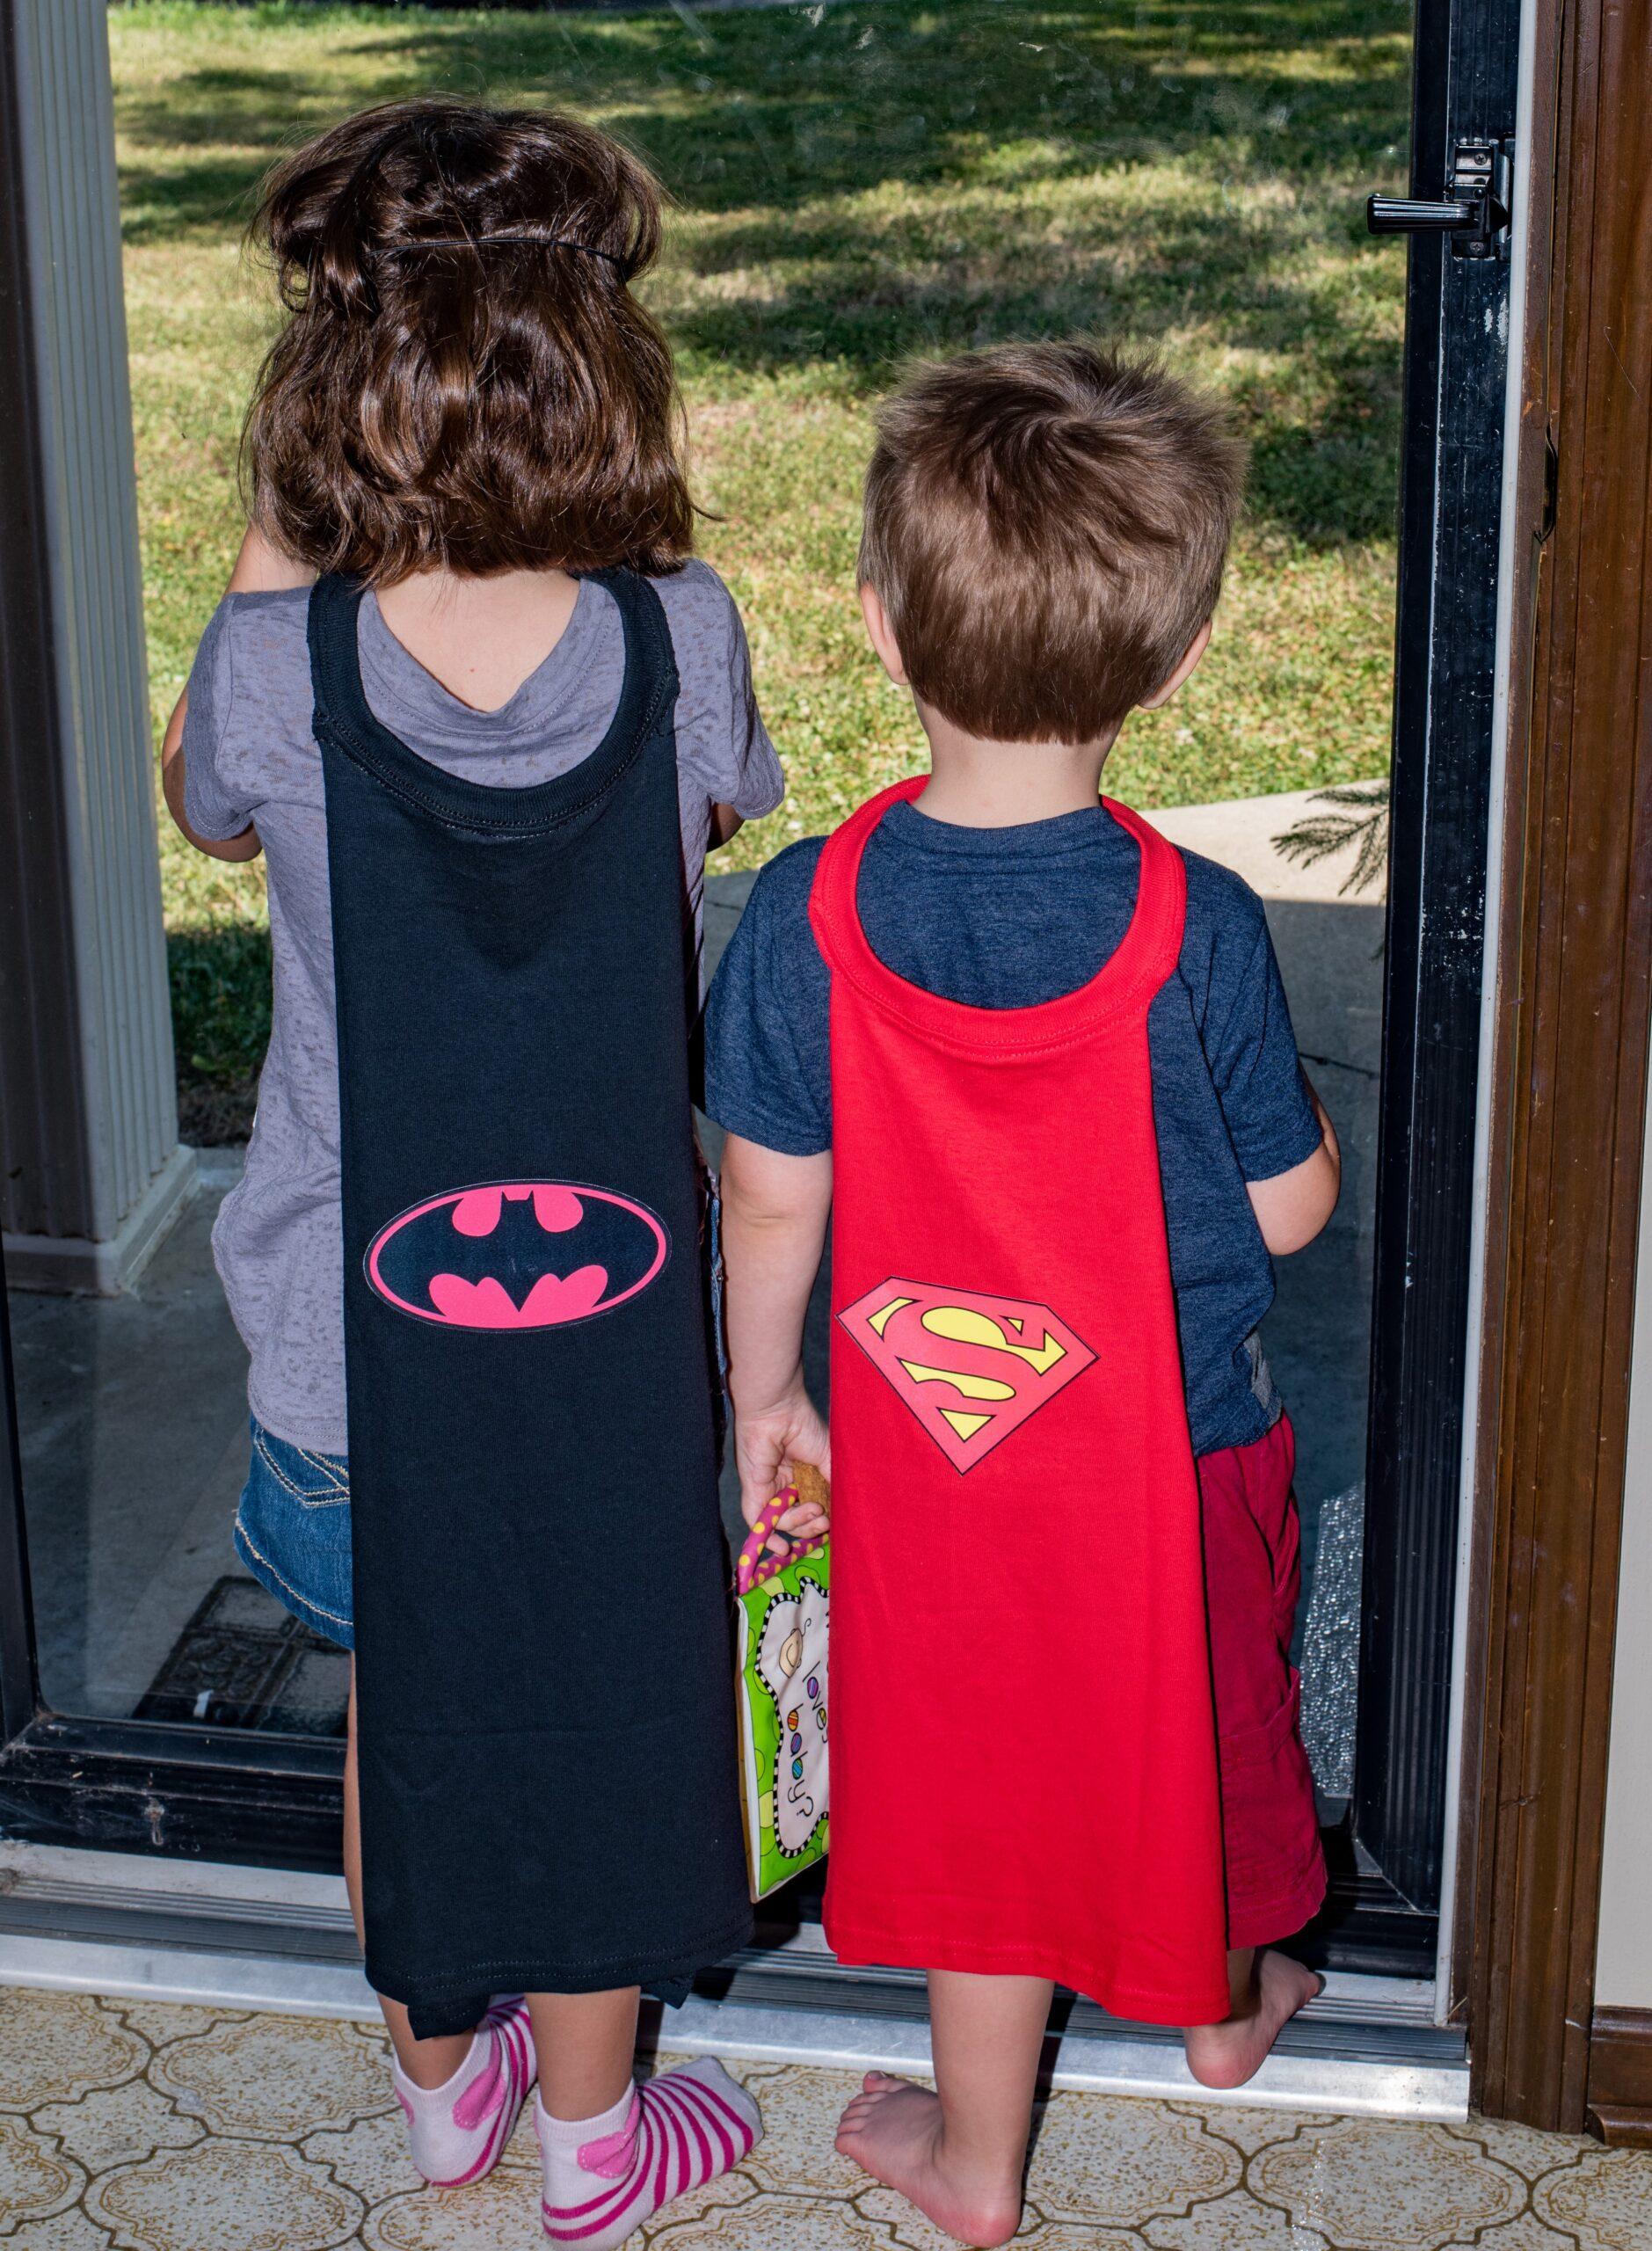 5 Fun Toddler Party Activities